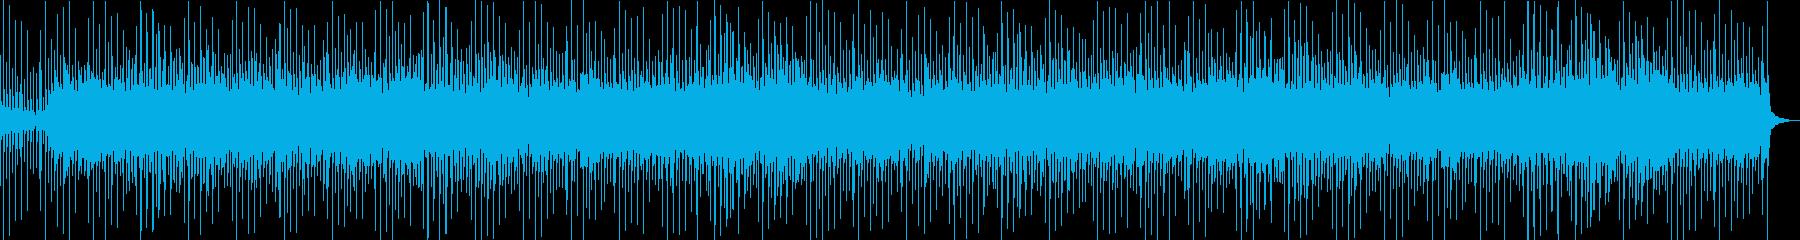 カントリー風スライドギターの再生済みの波形